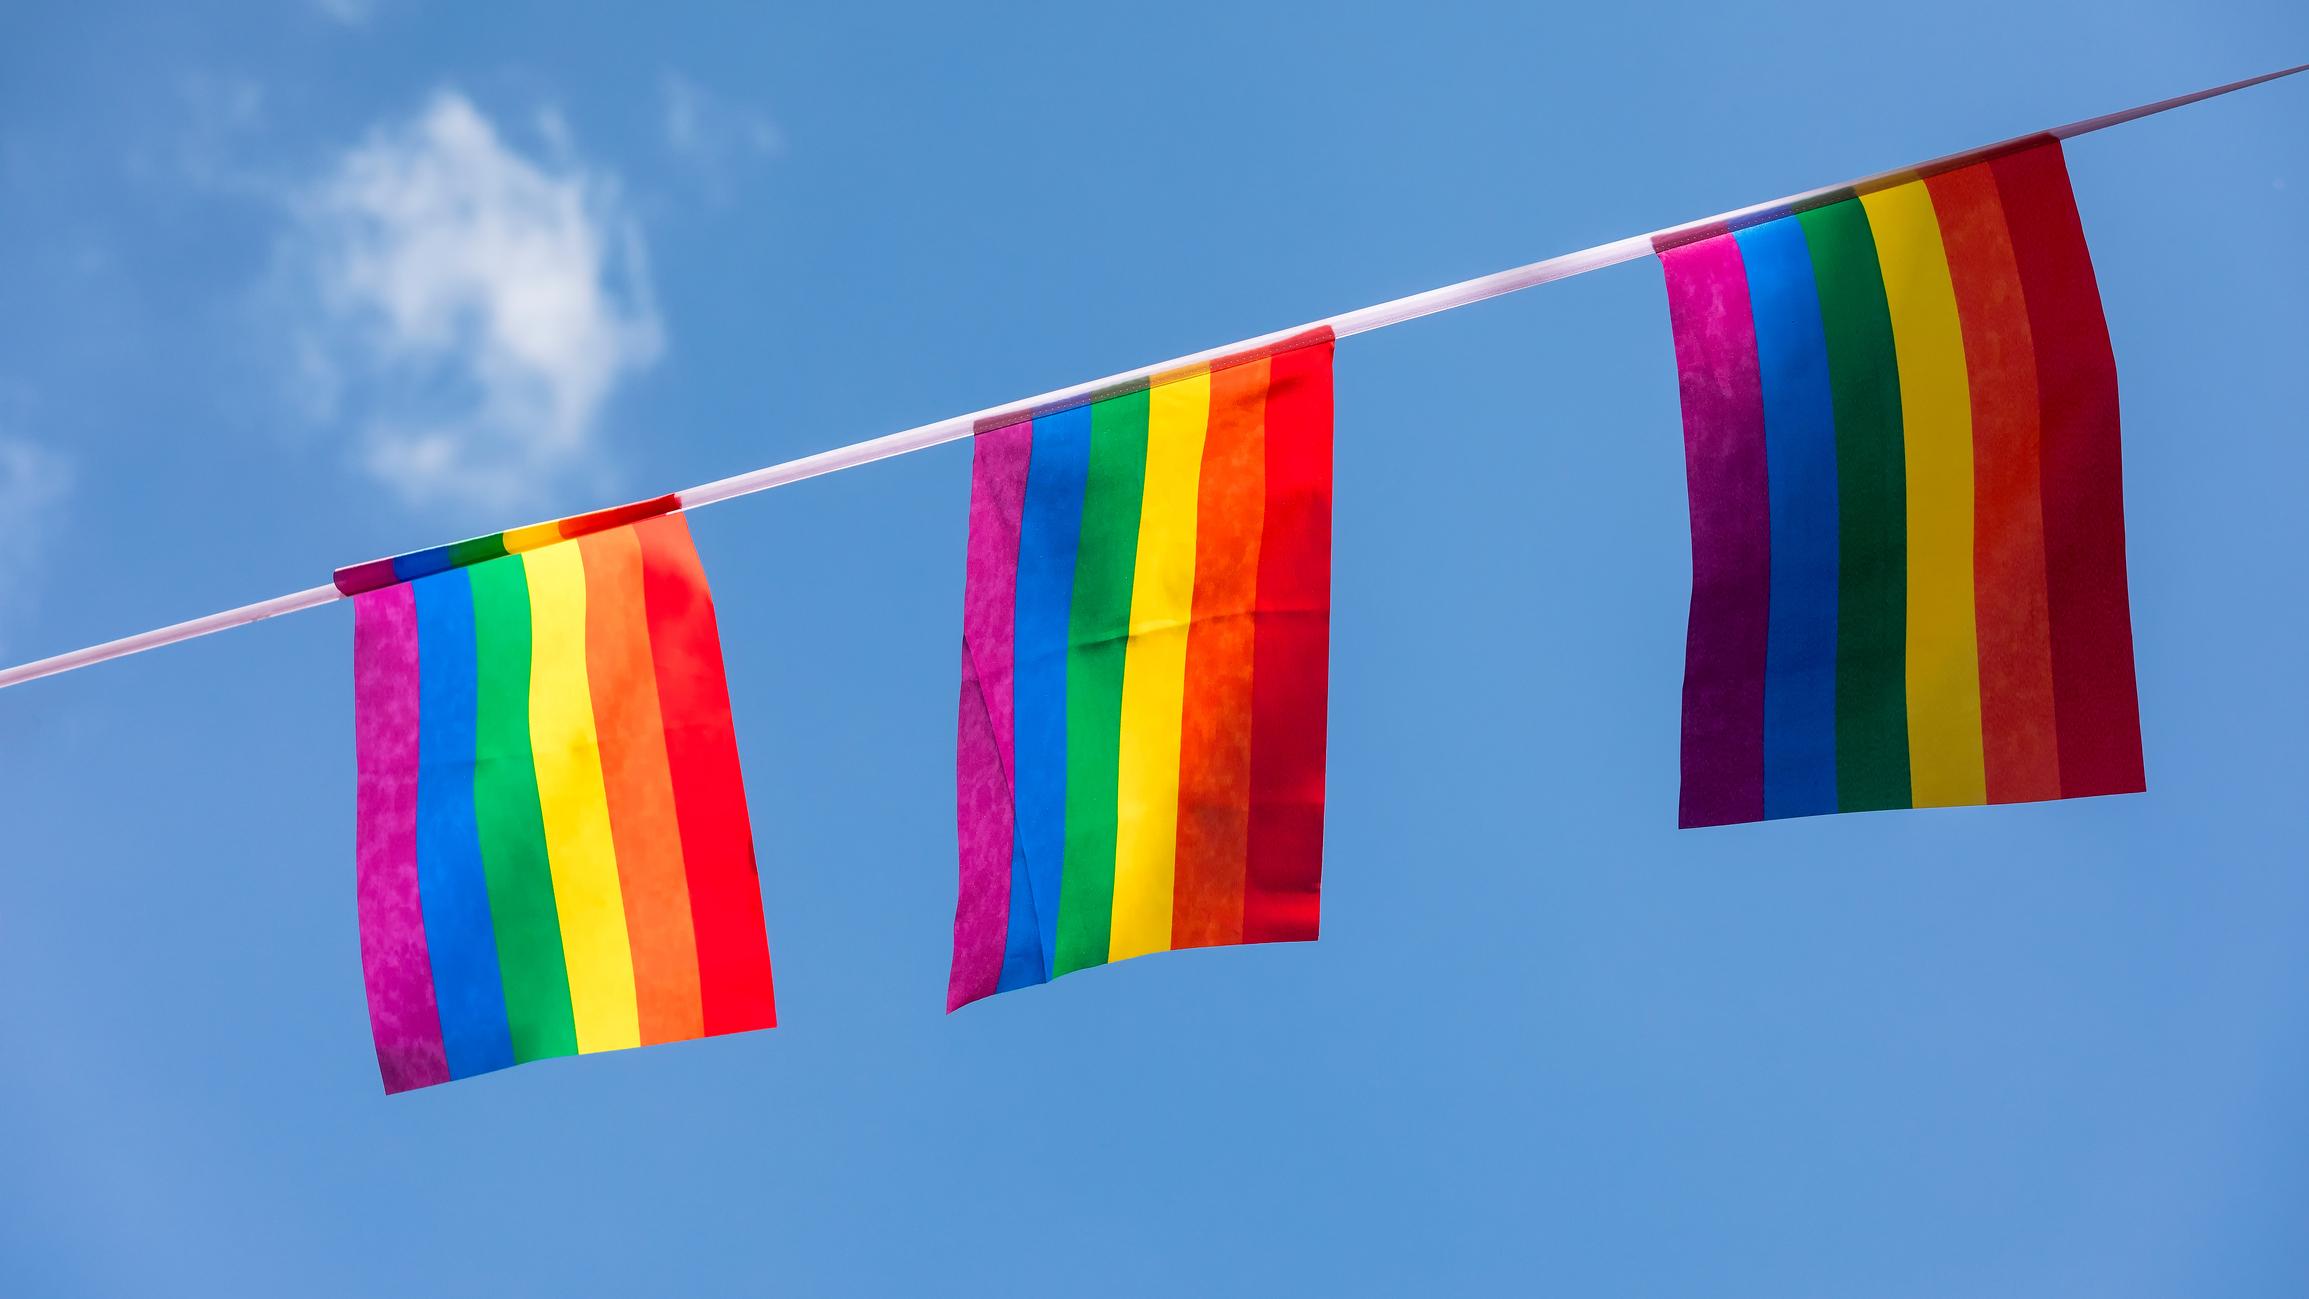 La Cañita Marisquería, a Mexico City LGBTQ Haven, Needs Your Help After a Homophobic Attack